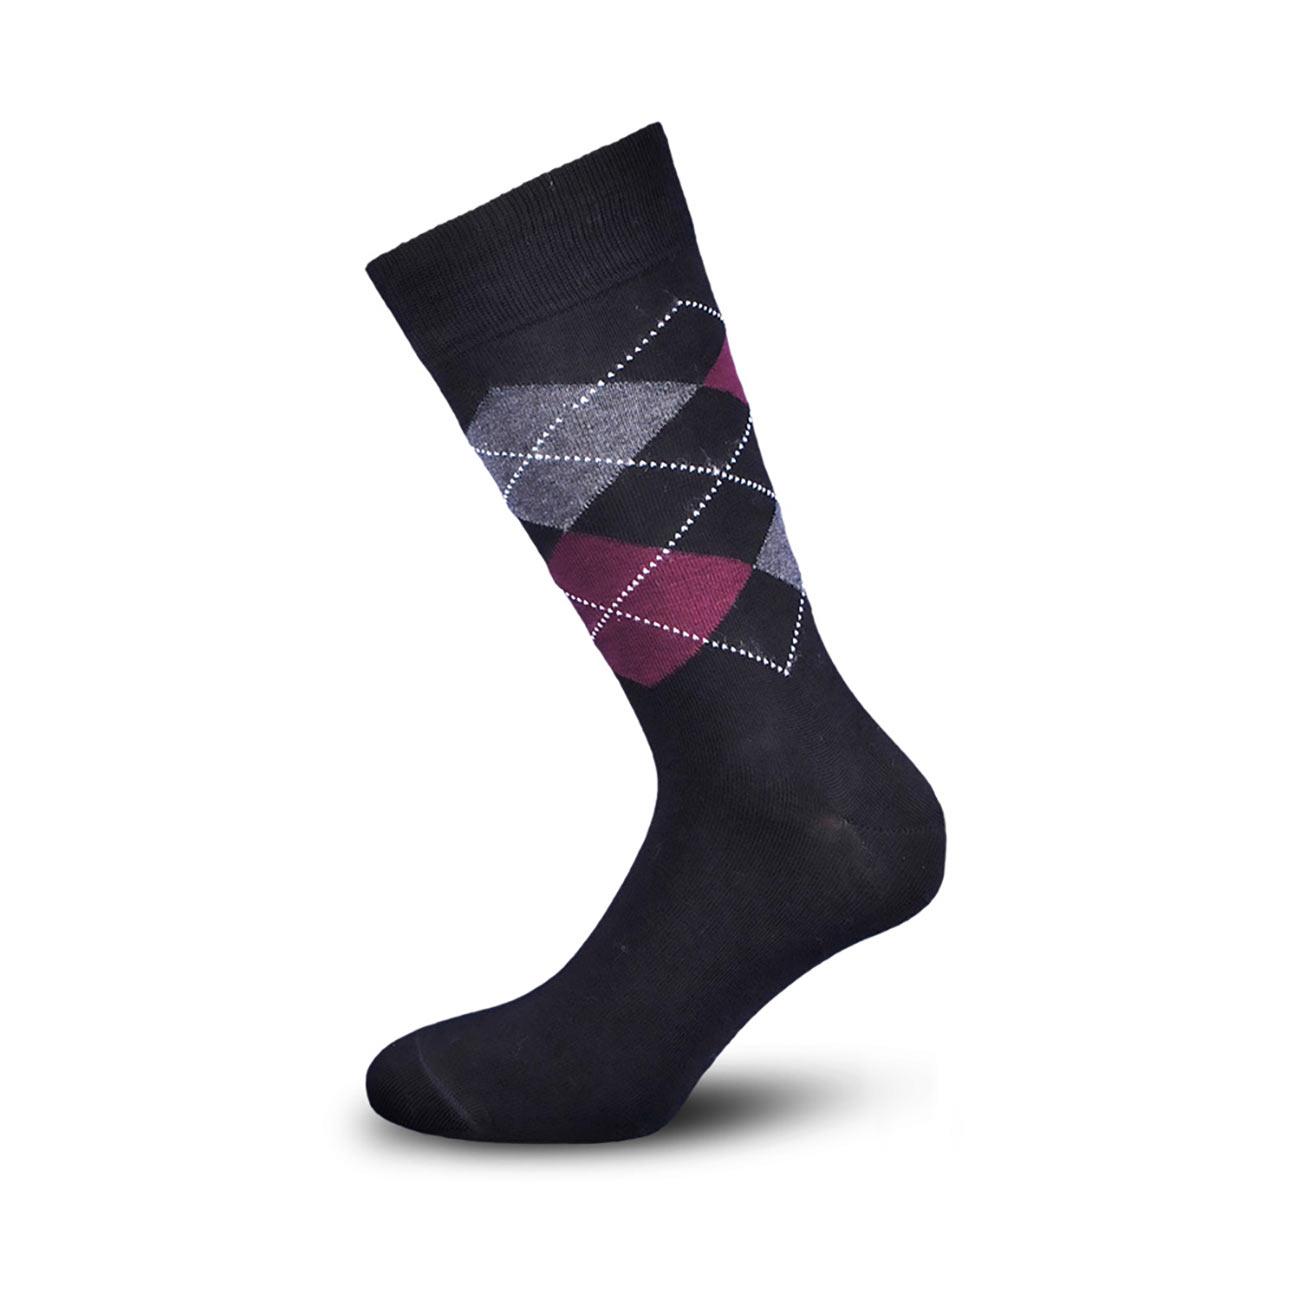 Ανδρική κάλτσα Walk -W108